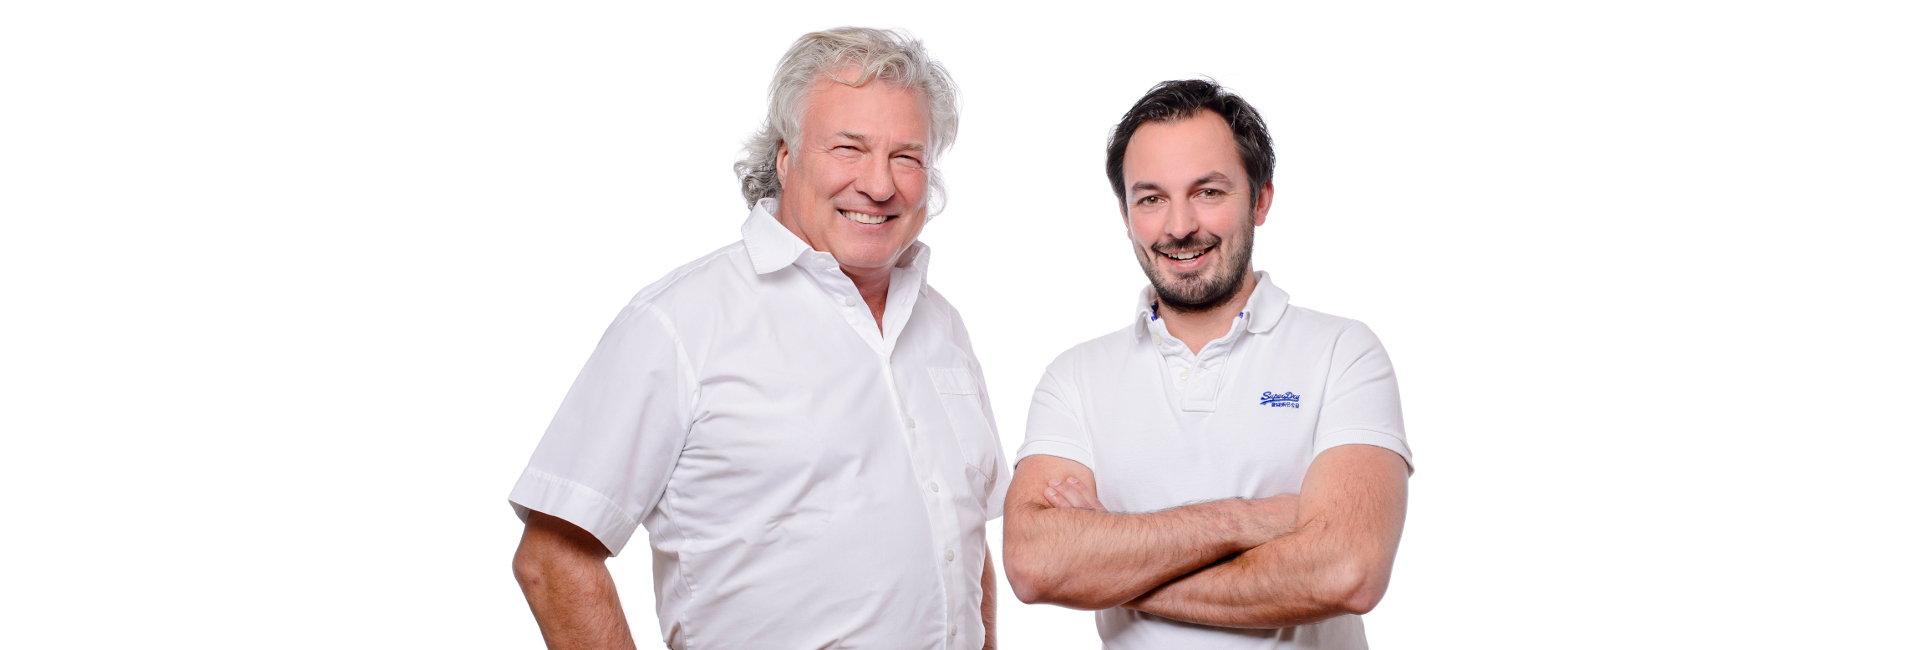 Zahnarzt Dr. Hocheneder & Dr. Hoischen